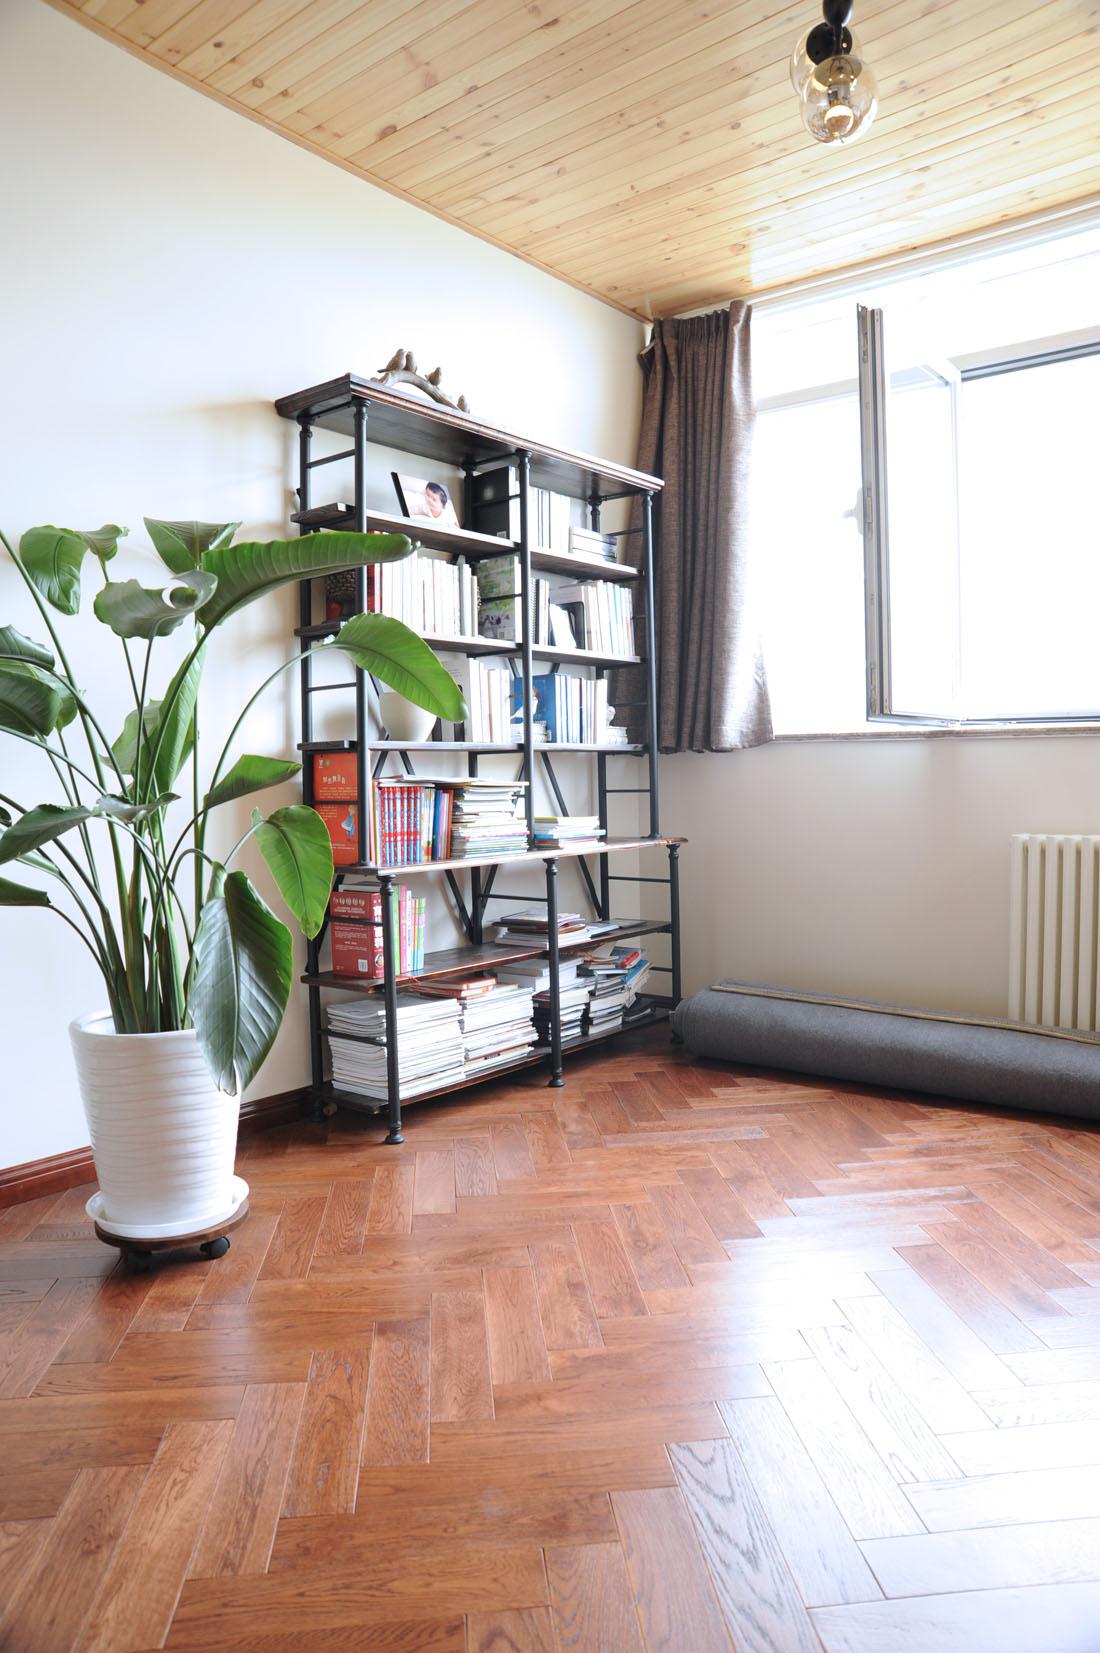 三居 美式 书房图片来自徐春龙设计师在美丽传说的分享